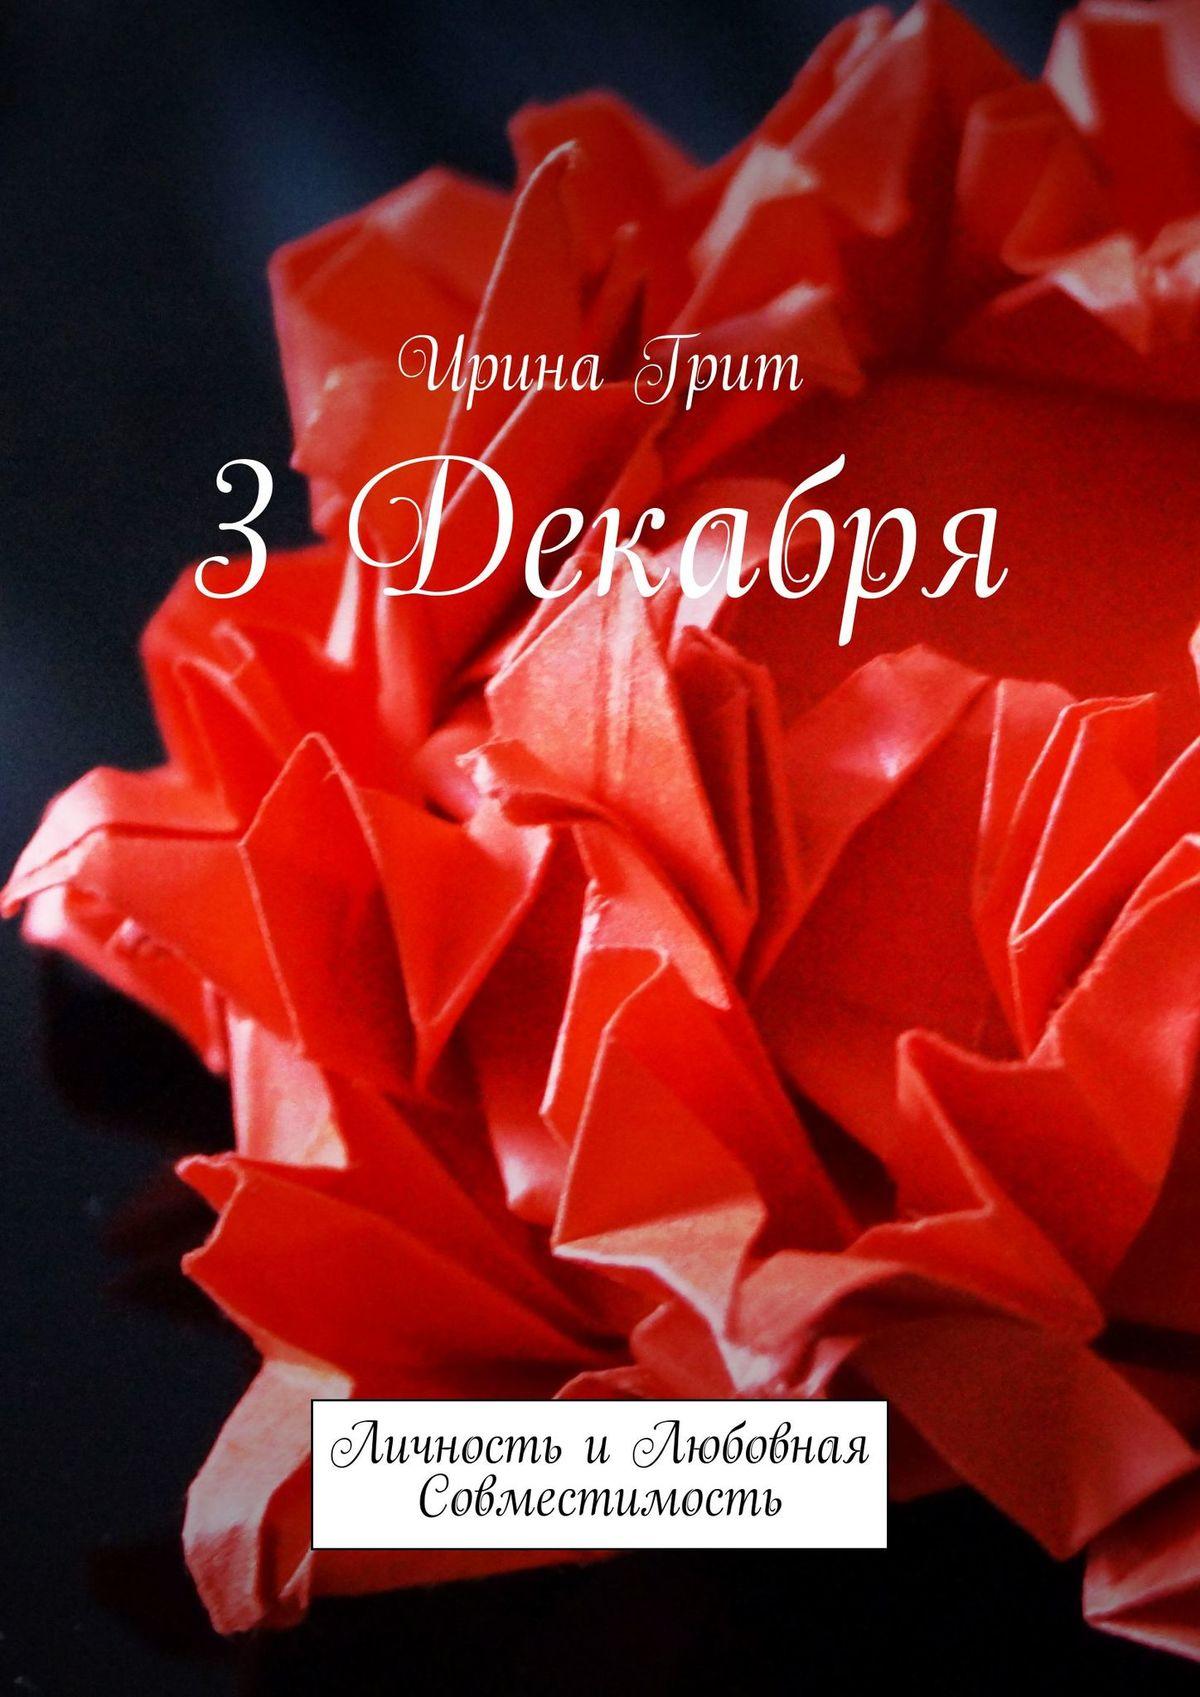 Ирина Грит 3 декабря. Личность илюбовная совместимость ирина грит 3 декабря личность илюбовная совместимость